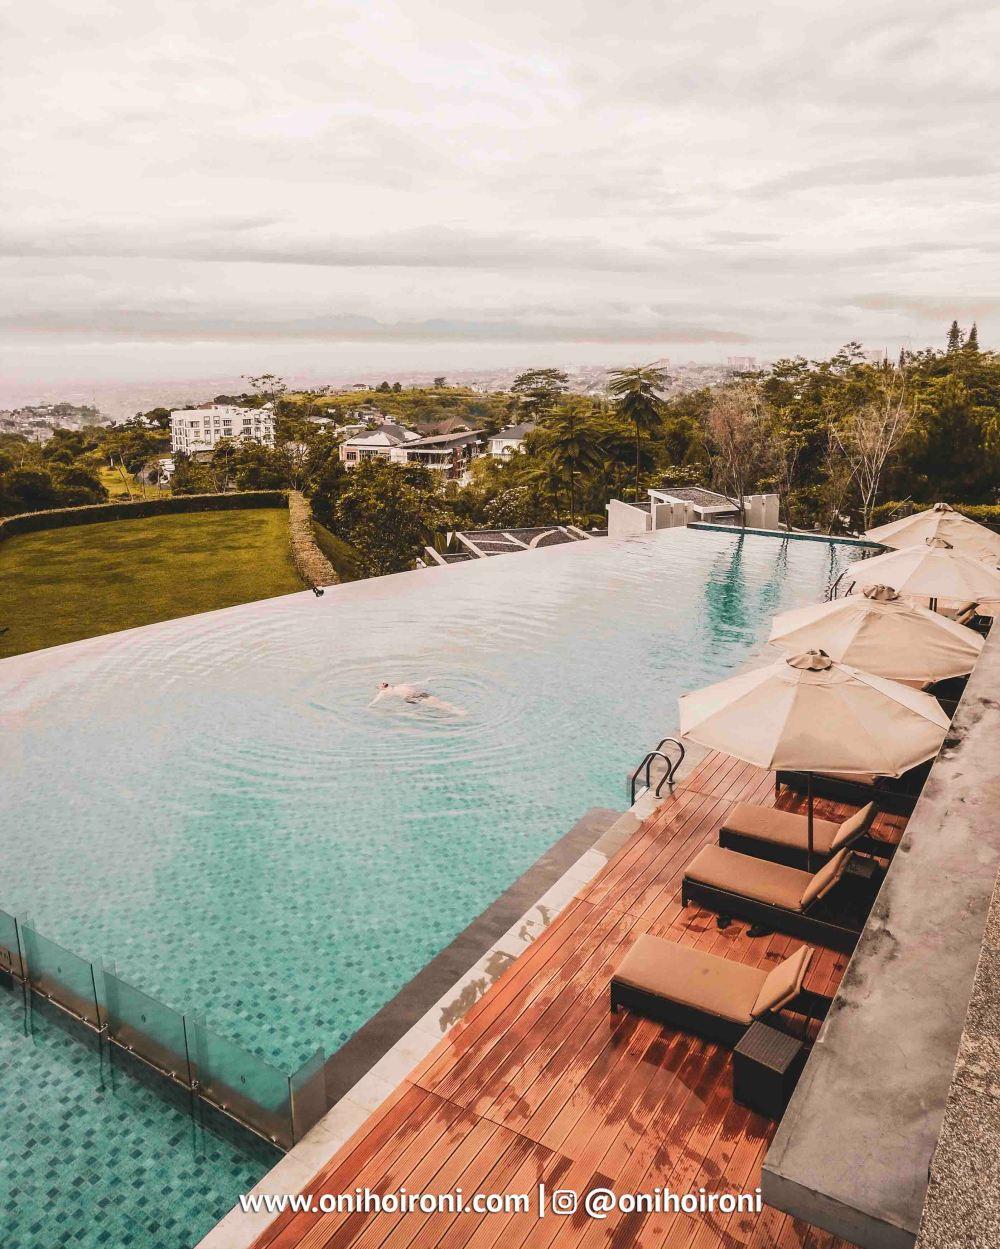 2 Swimming Pool Intercontinental Bandung Oni Hoironi